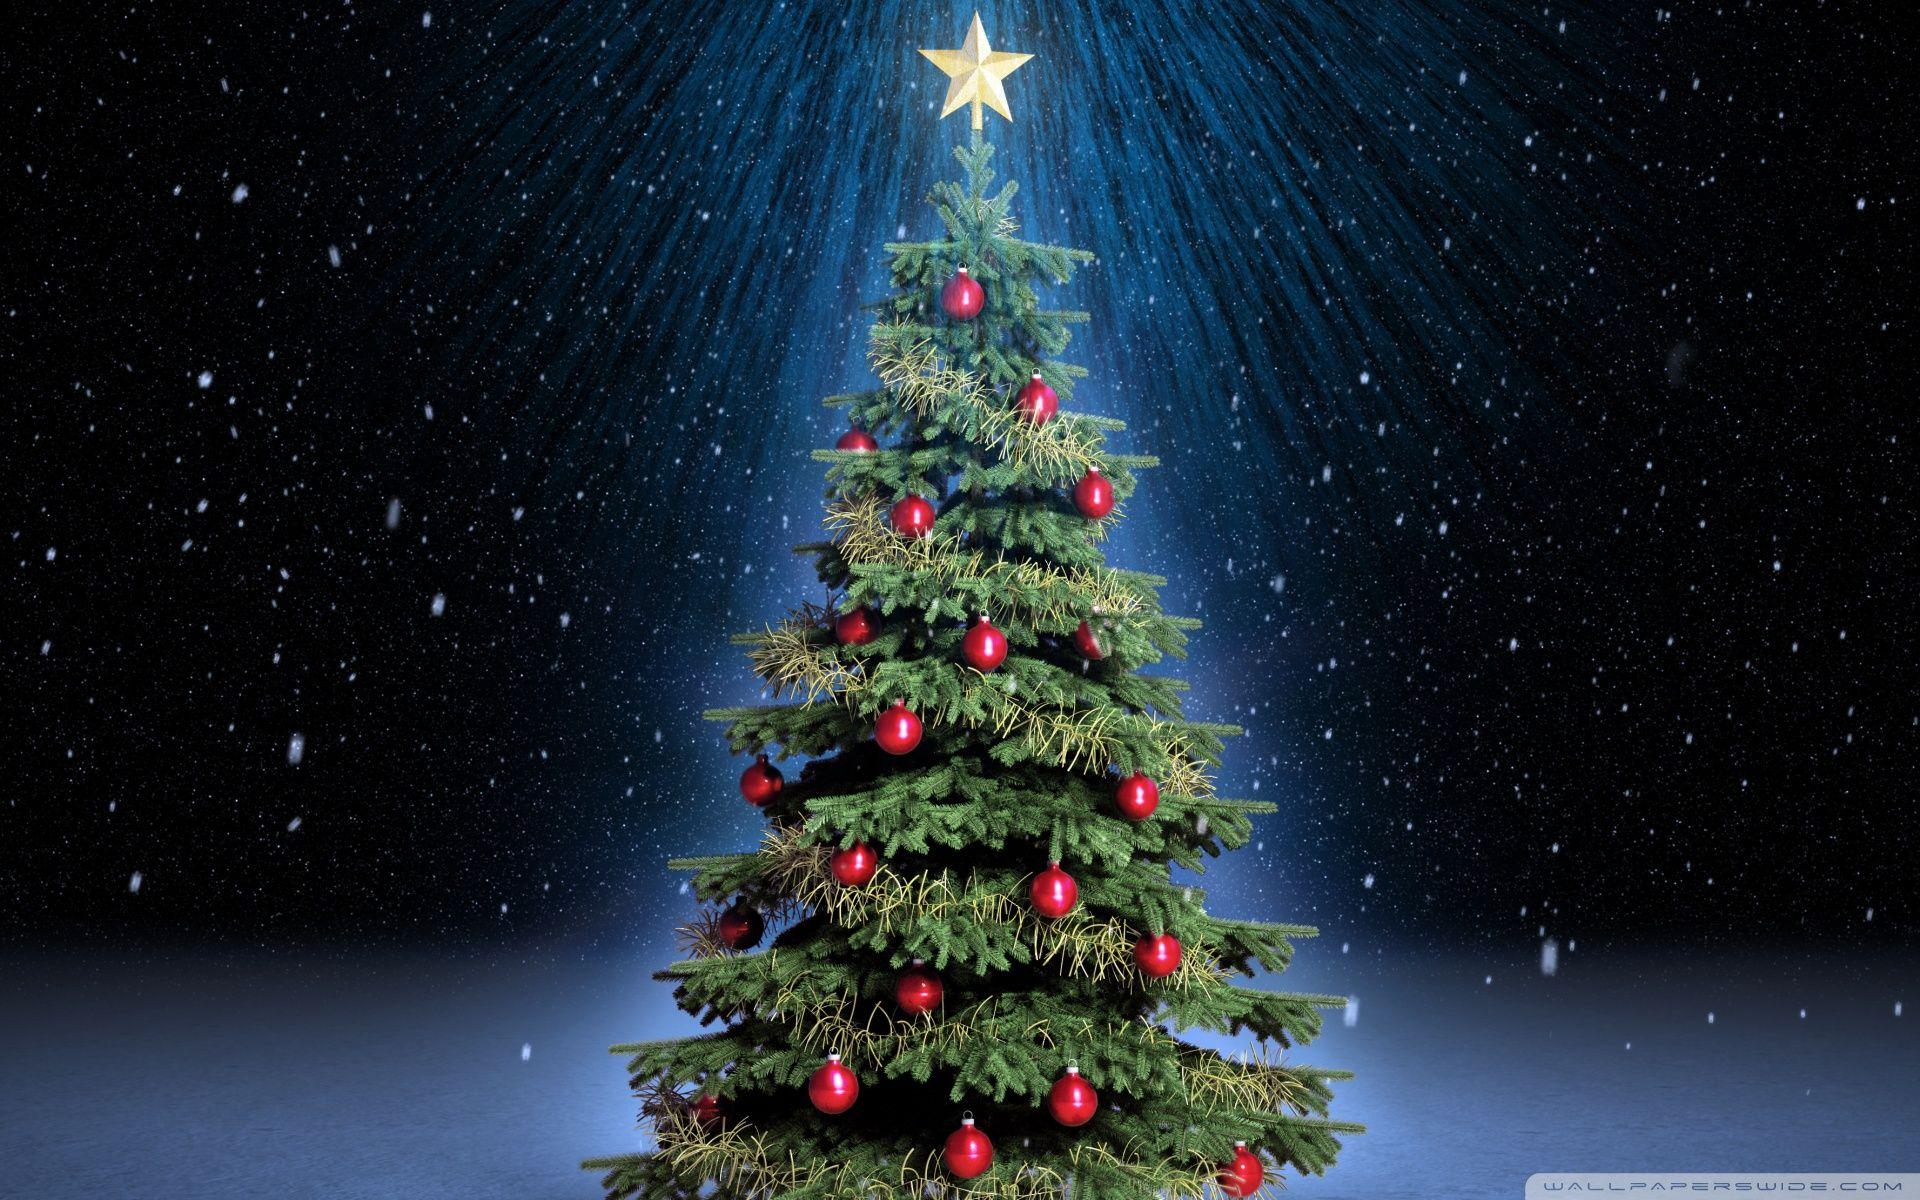 Fondos Para Pantallas De Grinch Para Navidad: 50 Fondos De Pantallas De Navidad Y Año Nuevo